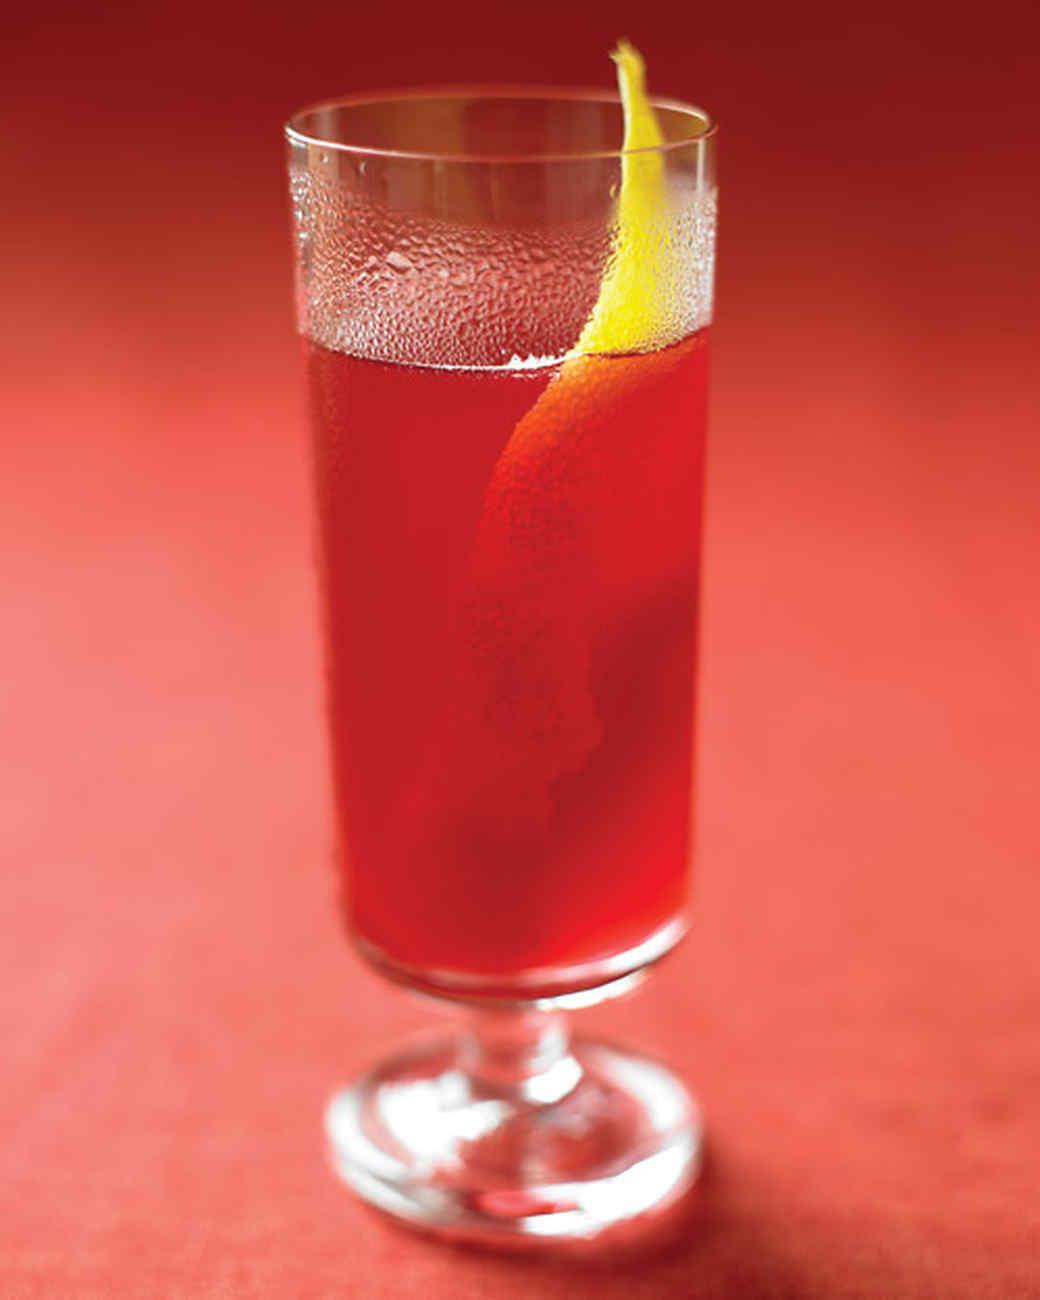 Black-Currant Cider Sparklers